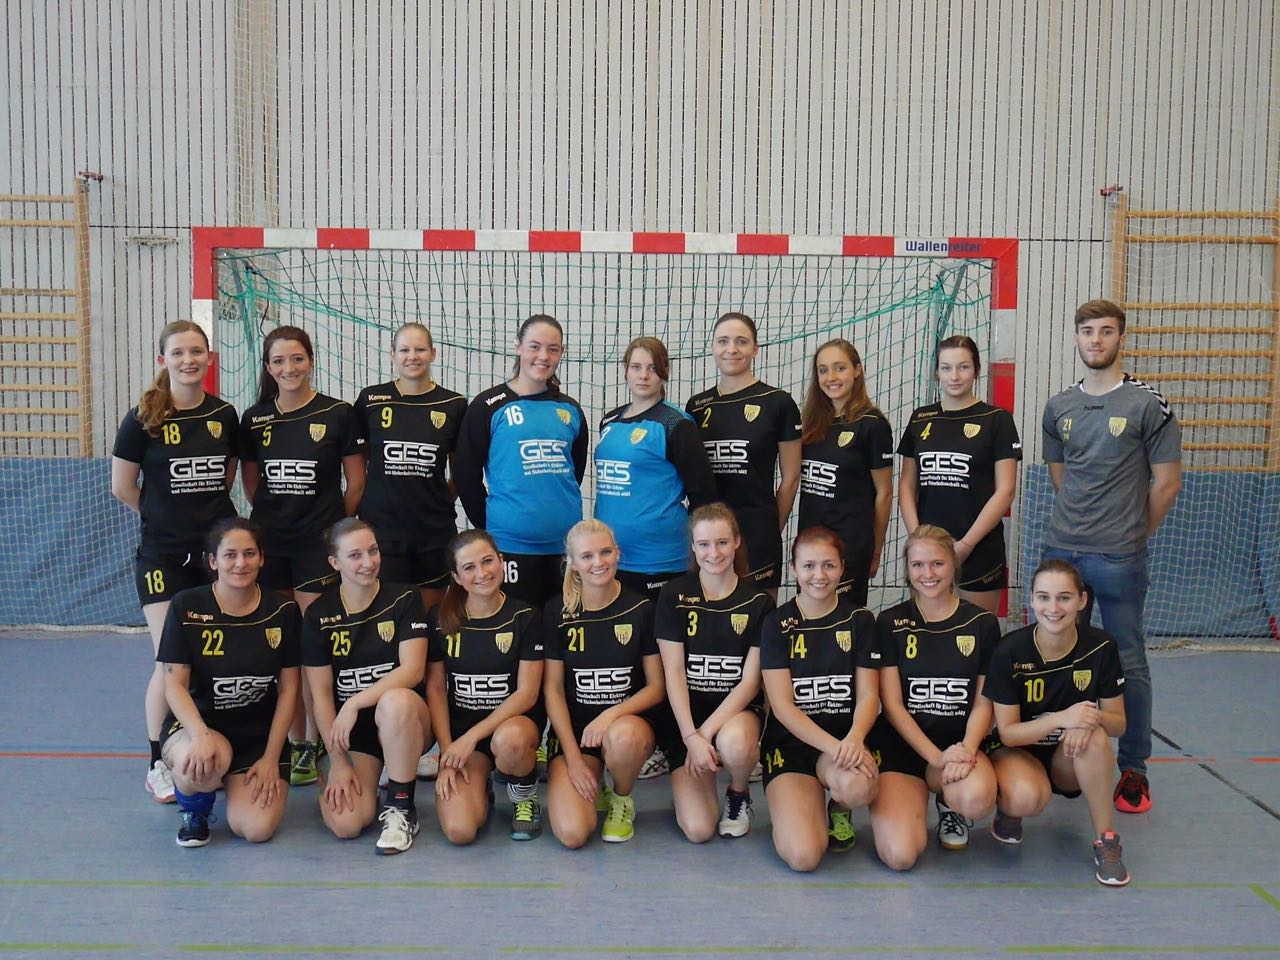 Die Damenmannschaft der Handball-Füchse in der Saison 2017/2018.